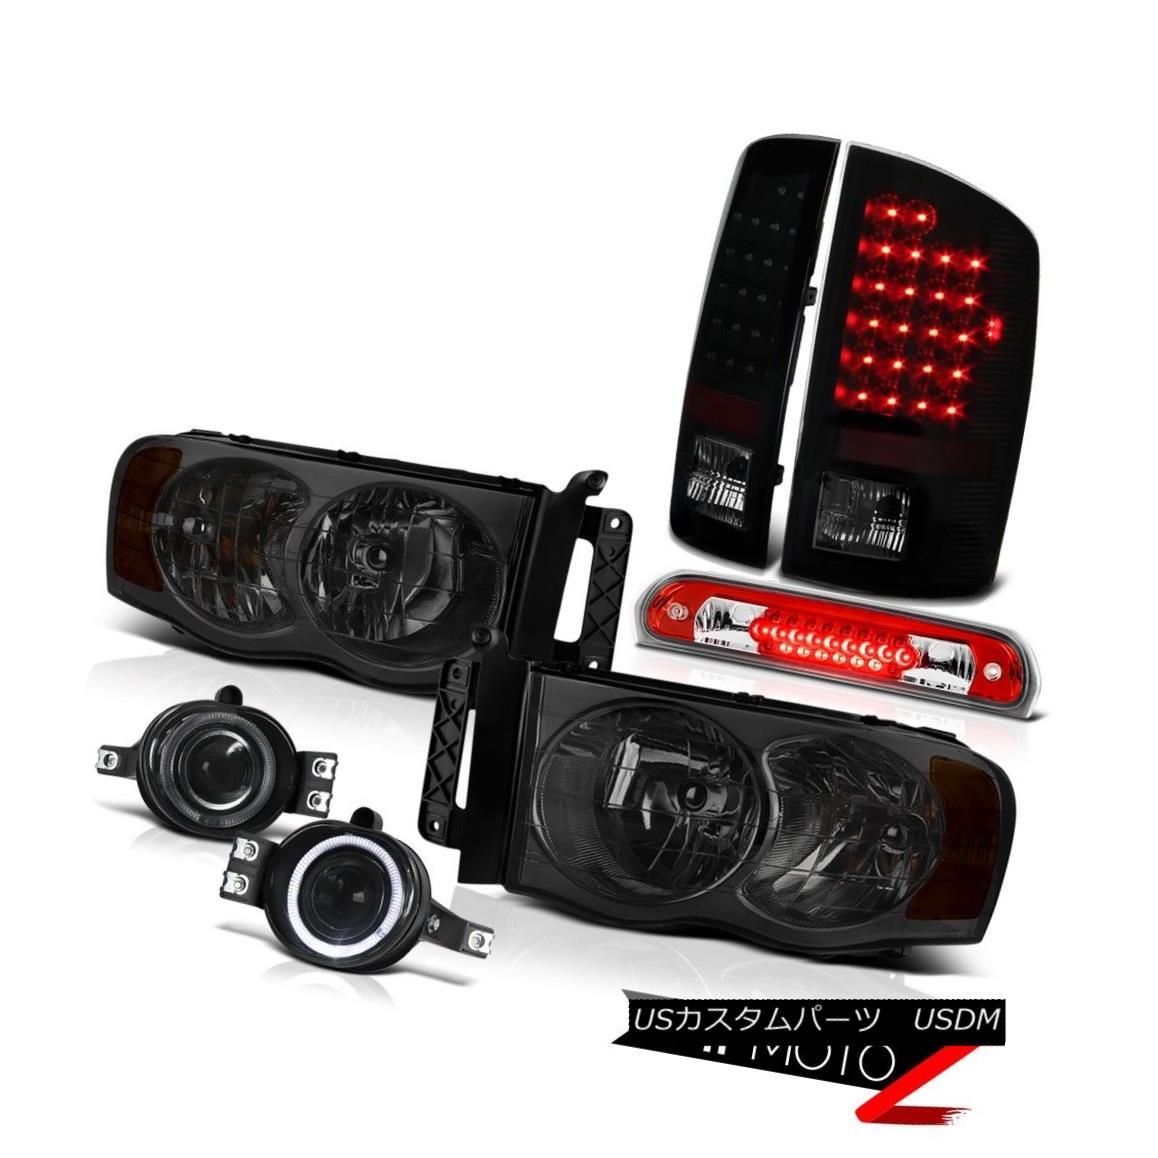 ヘッドライト 02 03 04 05 Ram Headlight L+R Signal LED Taillight Halo Projector Fog Roof Brake 02 03 04 05ラムヘッドライトL + R信号LEDテールライトハロープロジェクターフォグルーフブレーキ